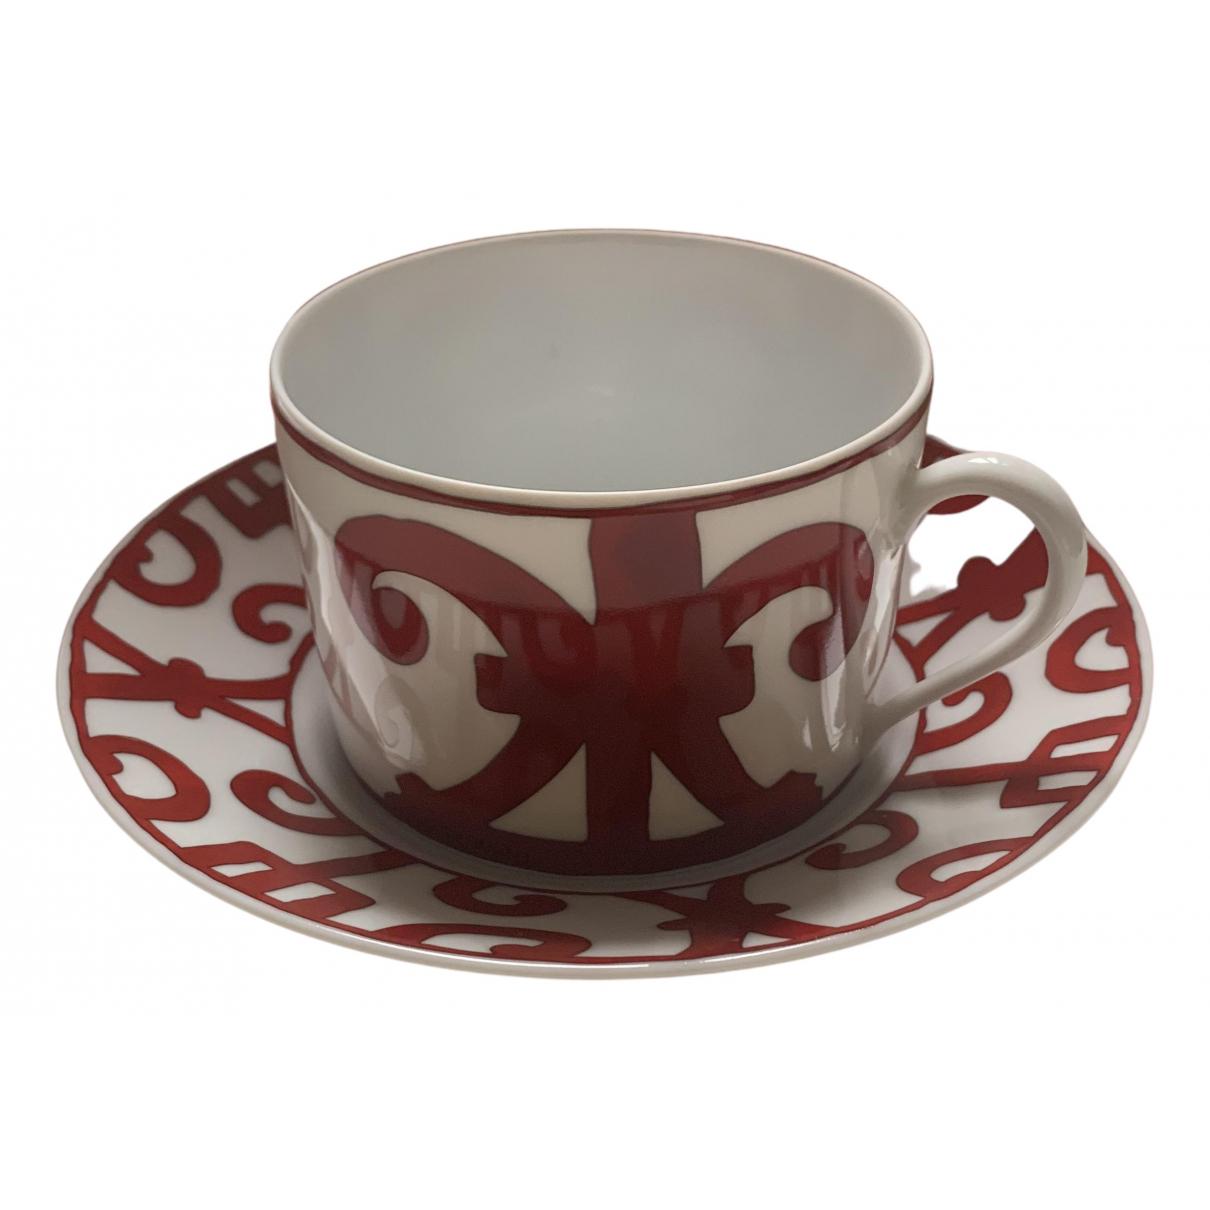 Hermes - Arts de la table Balcon du Guadalquivir pour lifestyle en porcelaine